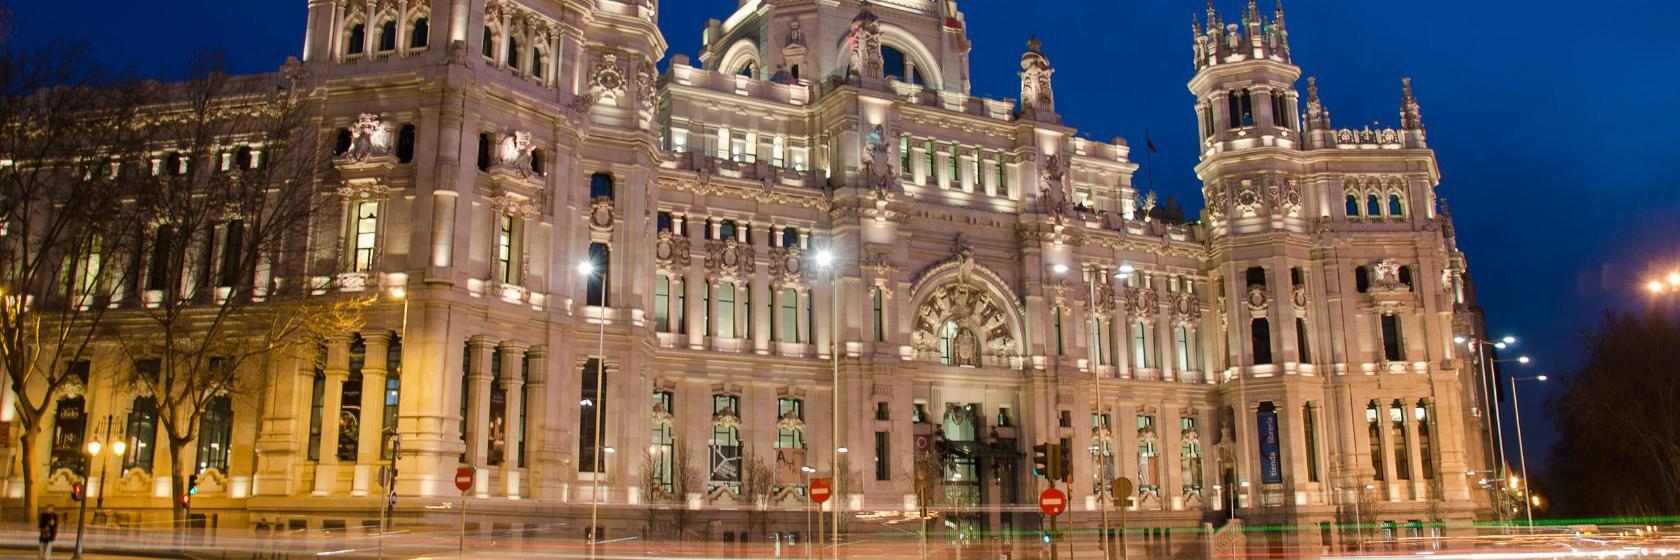 The 10 Best Hotels Near Plaza De Cibeles In Madrid Spain